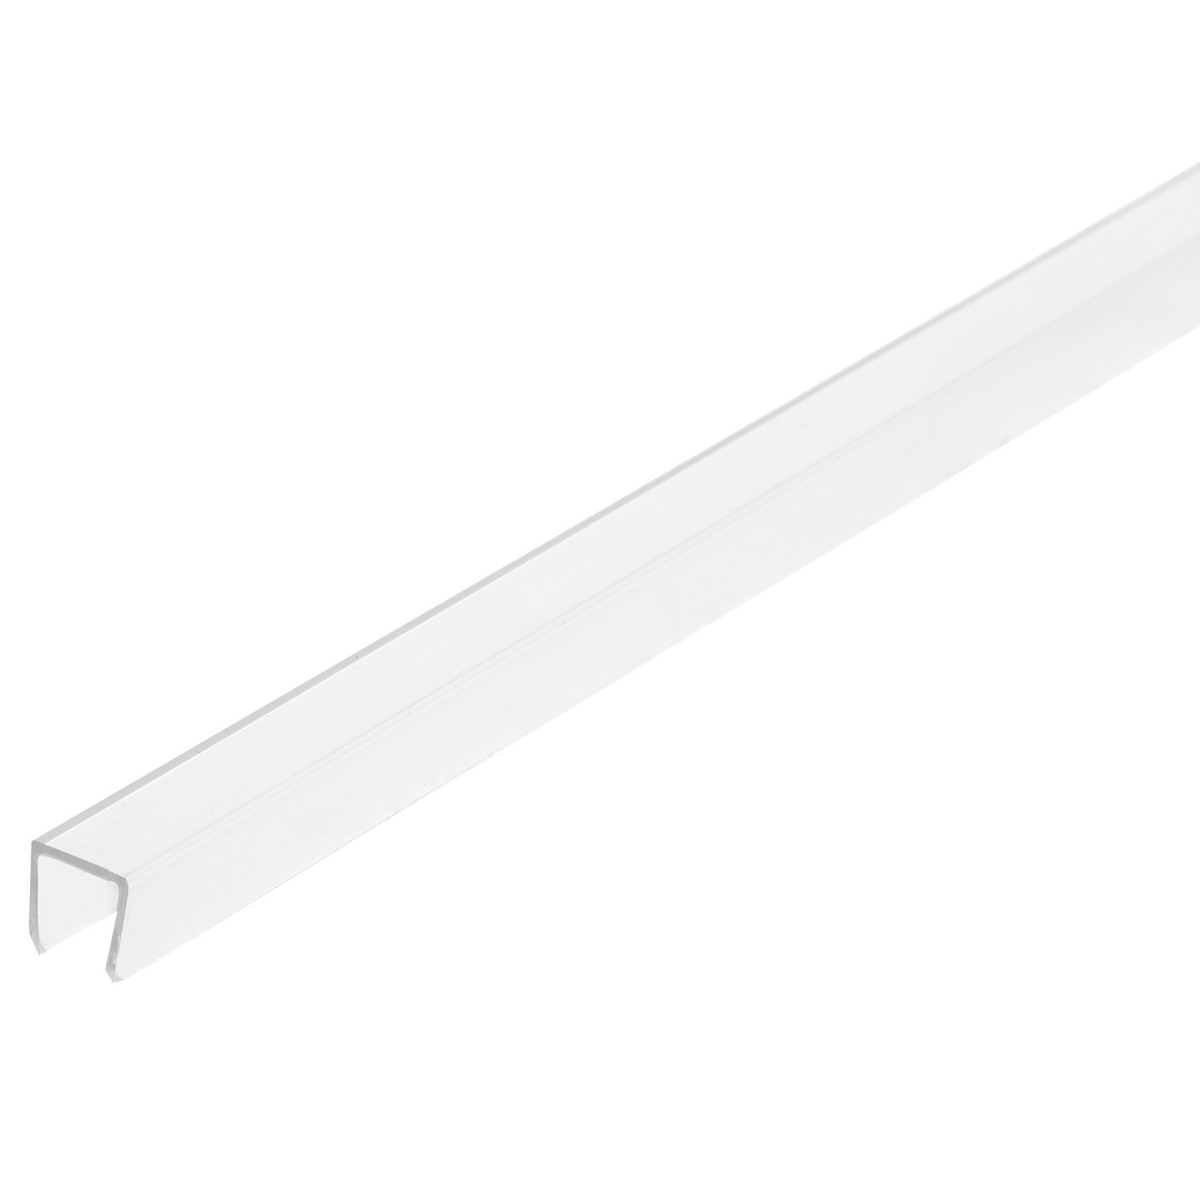 Профиль торцевой П-образный для стеновой панели 60х0.6 см пластик